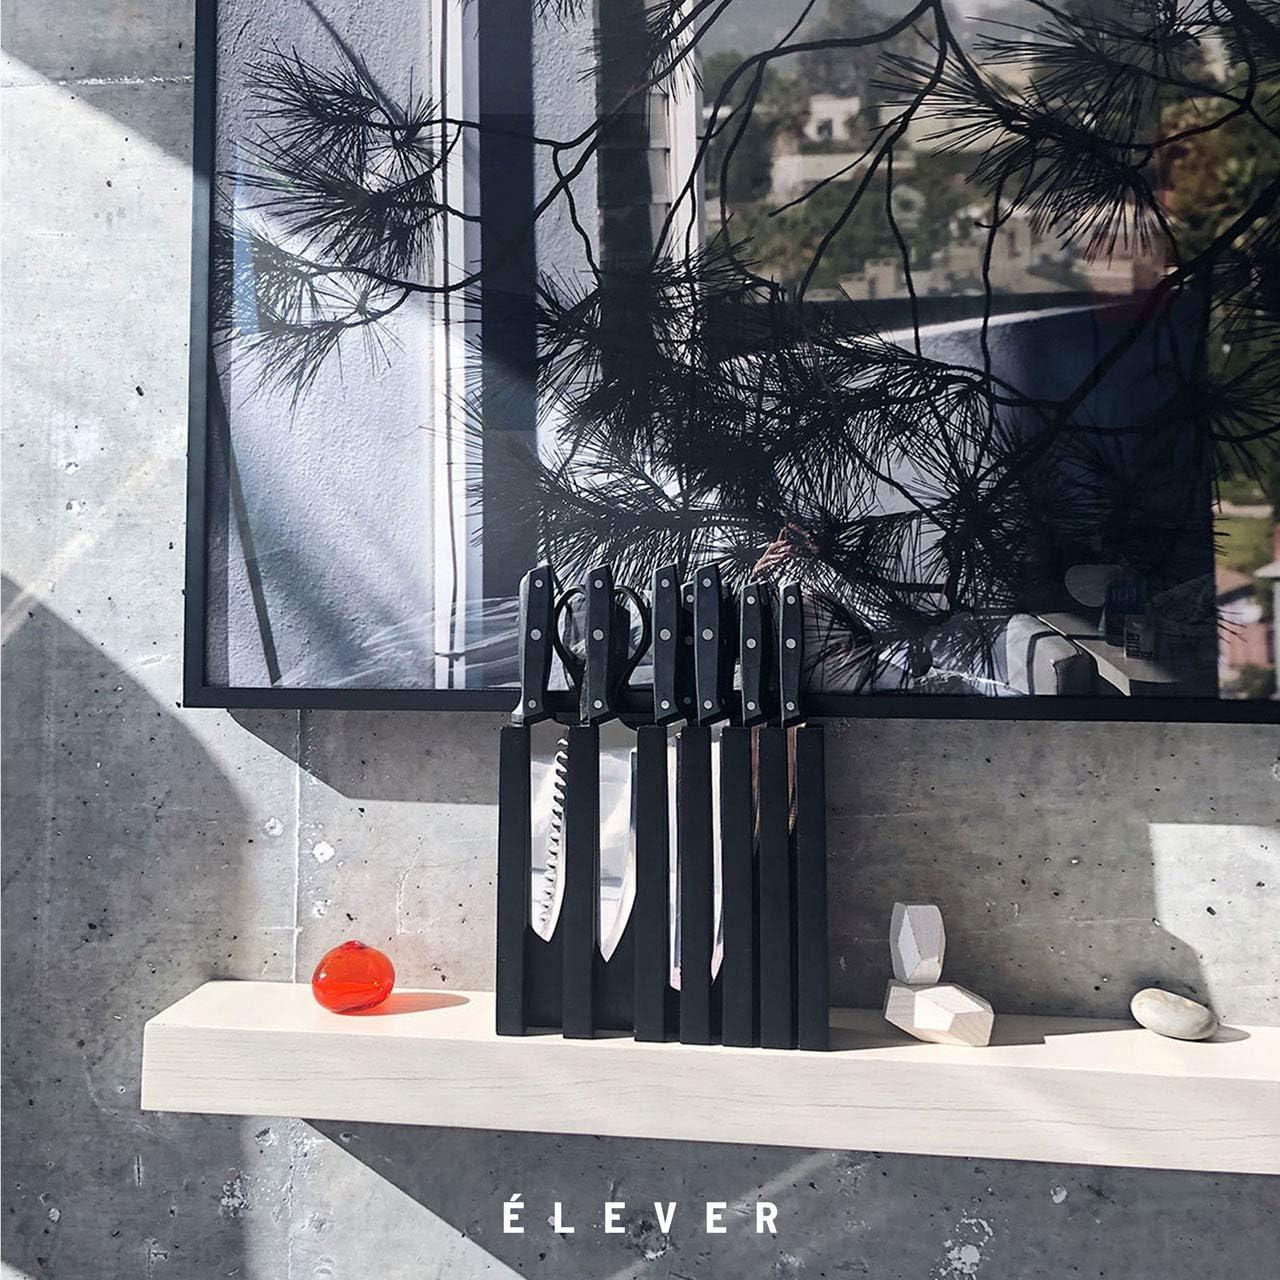 Amazon.com: Juego de cuchillos de cocina de 13 piezas con ...